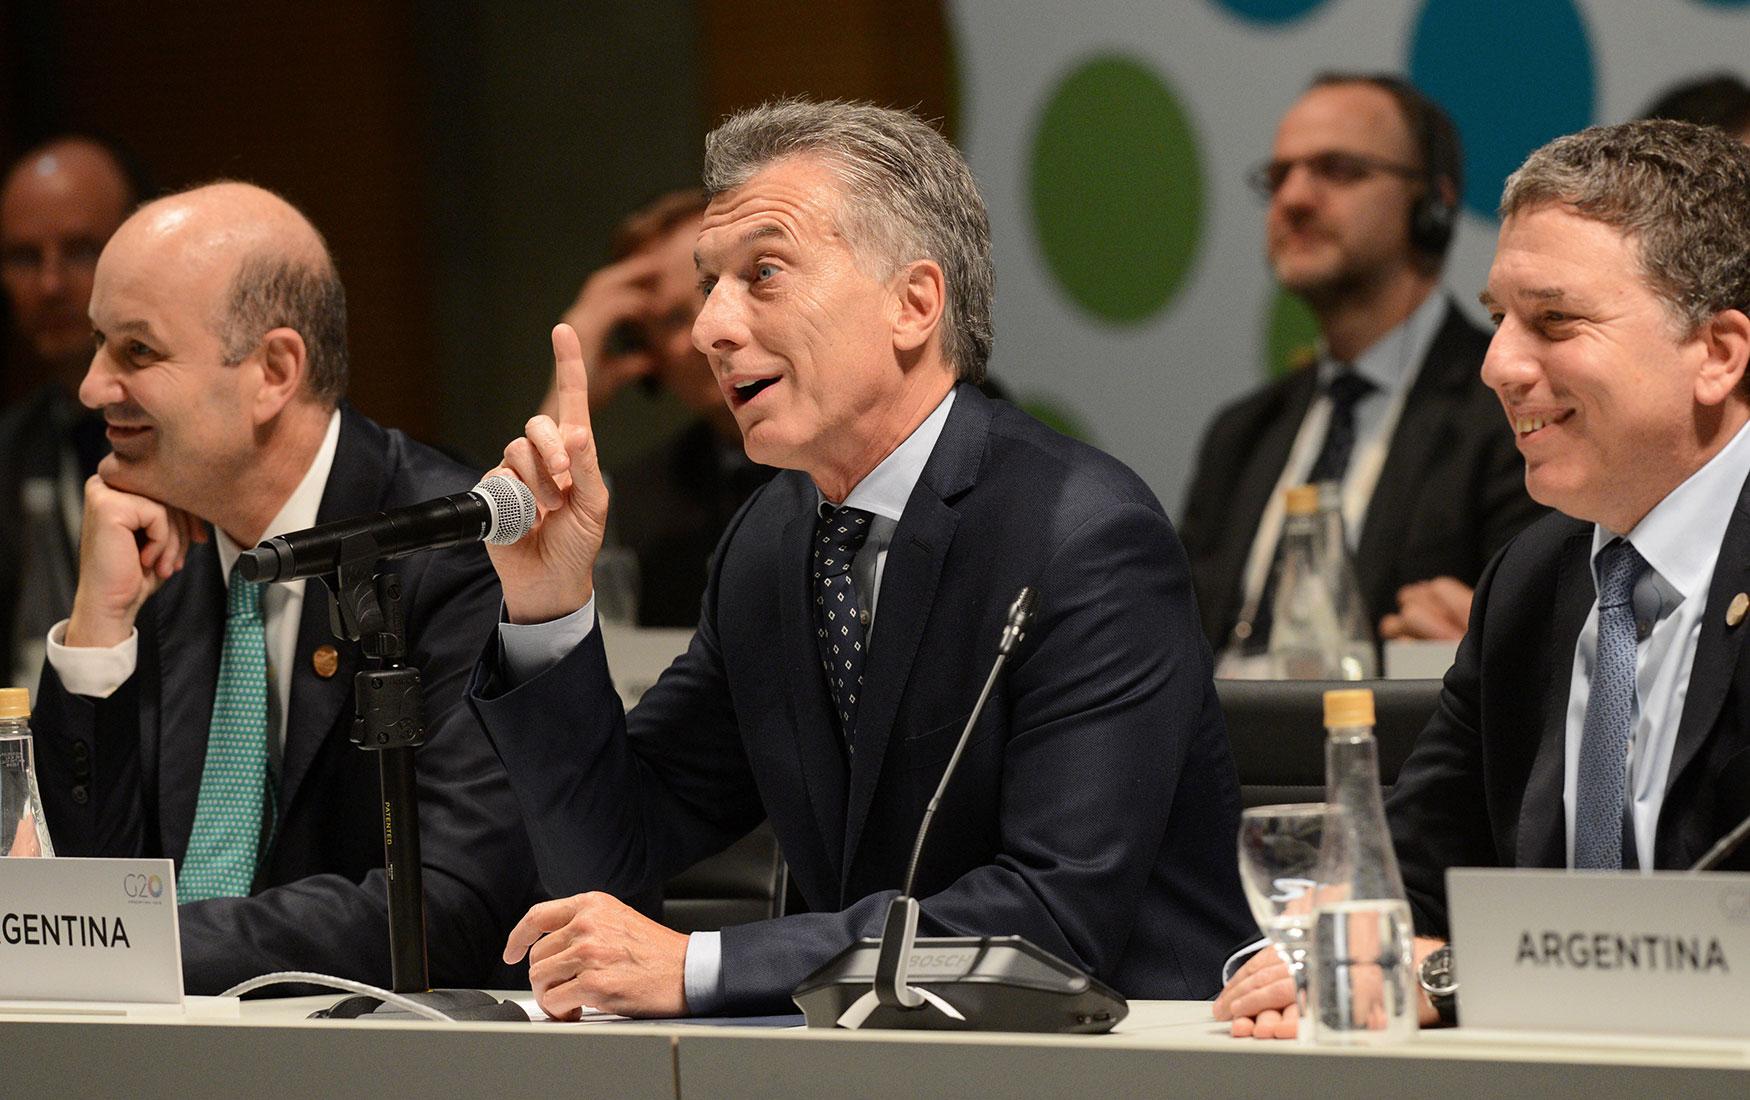 Глобальная угроза: почему участники G20 боятся криптовалют